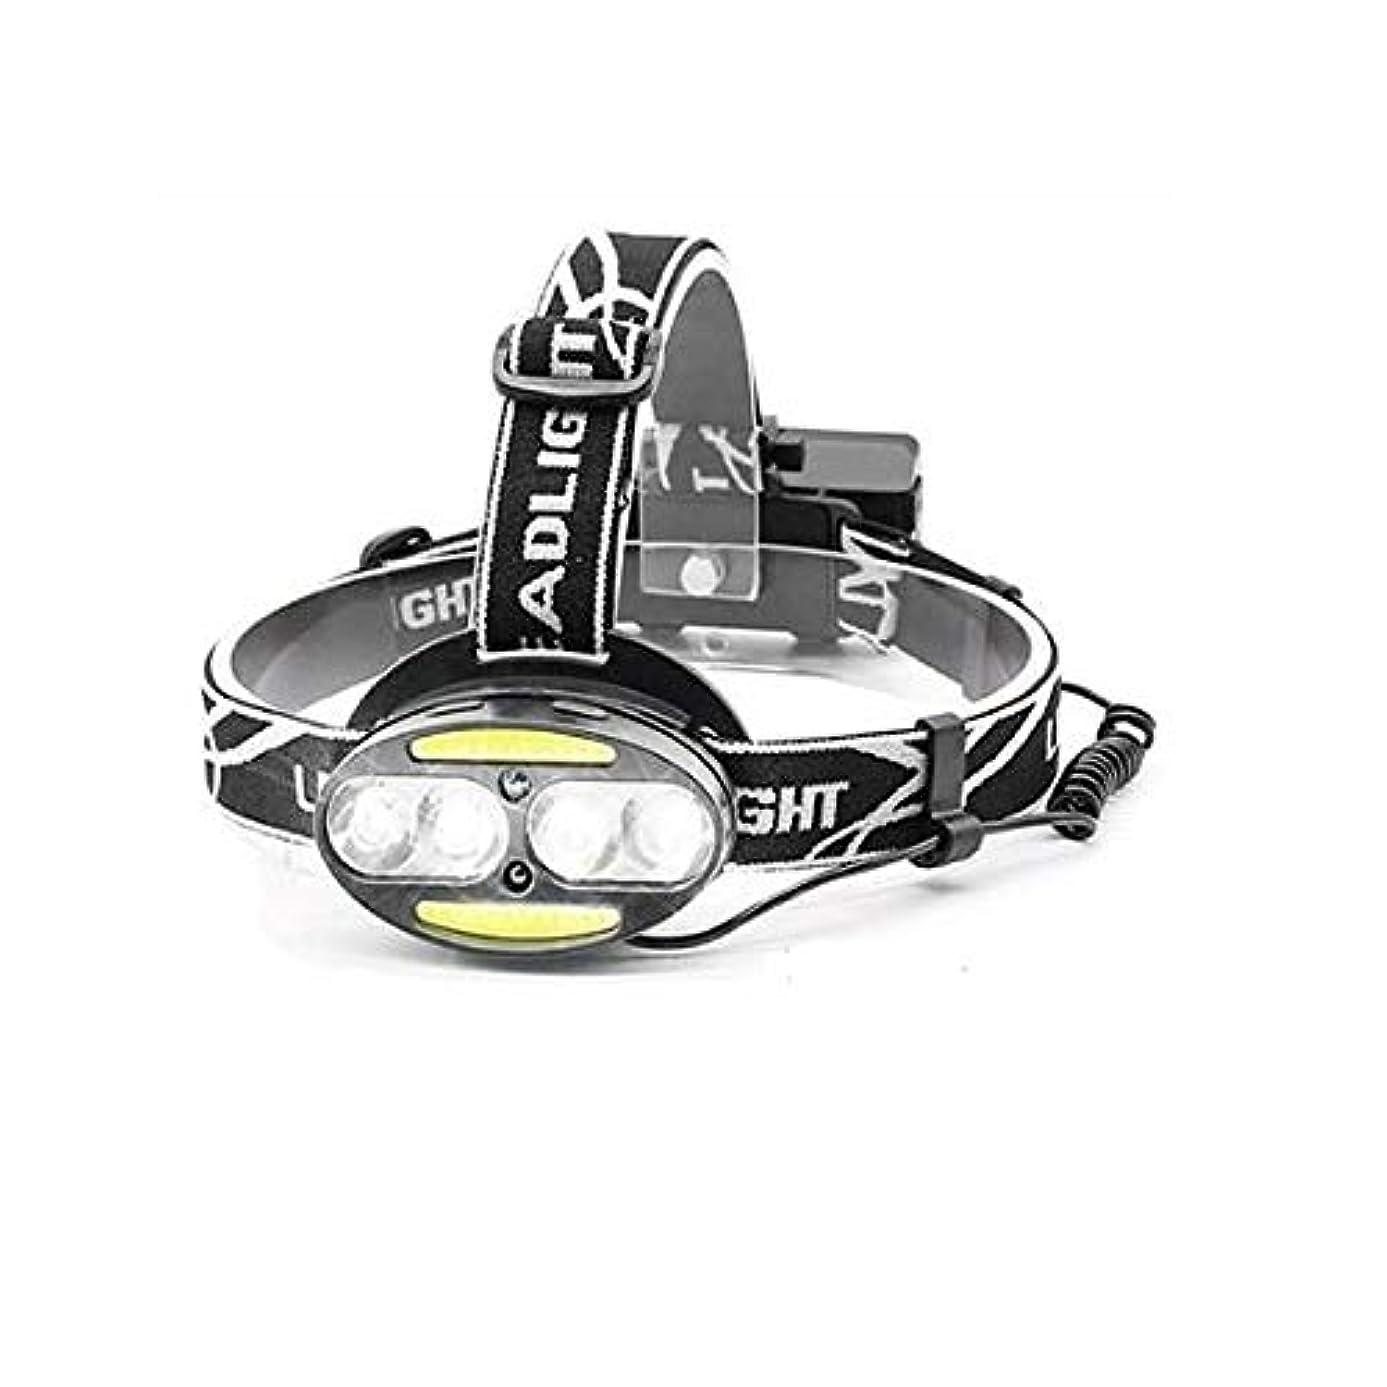 山岳無駄なただやる1stモール LED ヘッドライト 充電式 ヘッドランプ 5000ルーメン 5点灯モード 防水 角度調節 ST-MOTIONHEAD